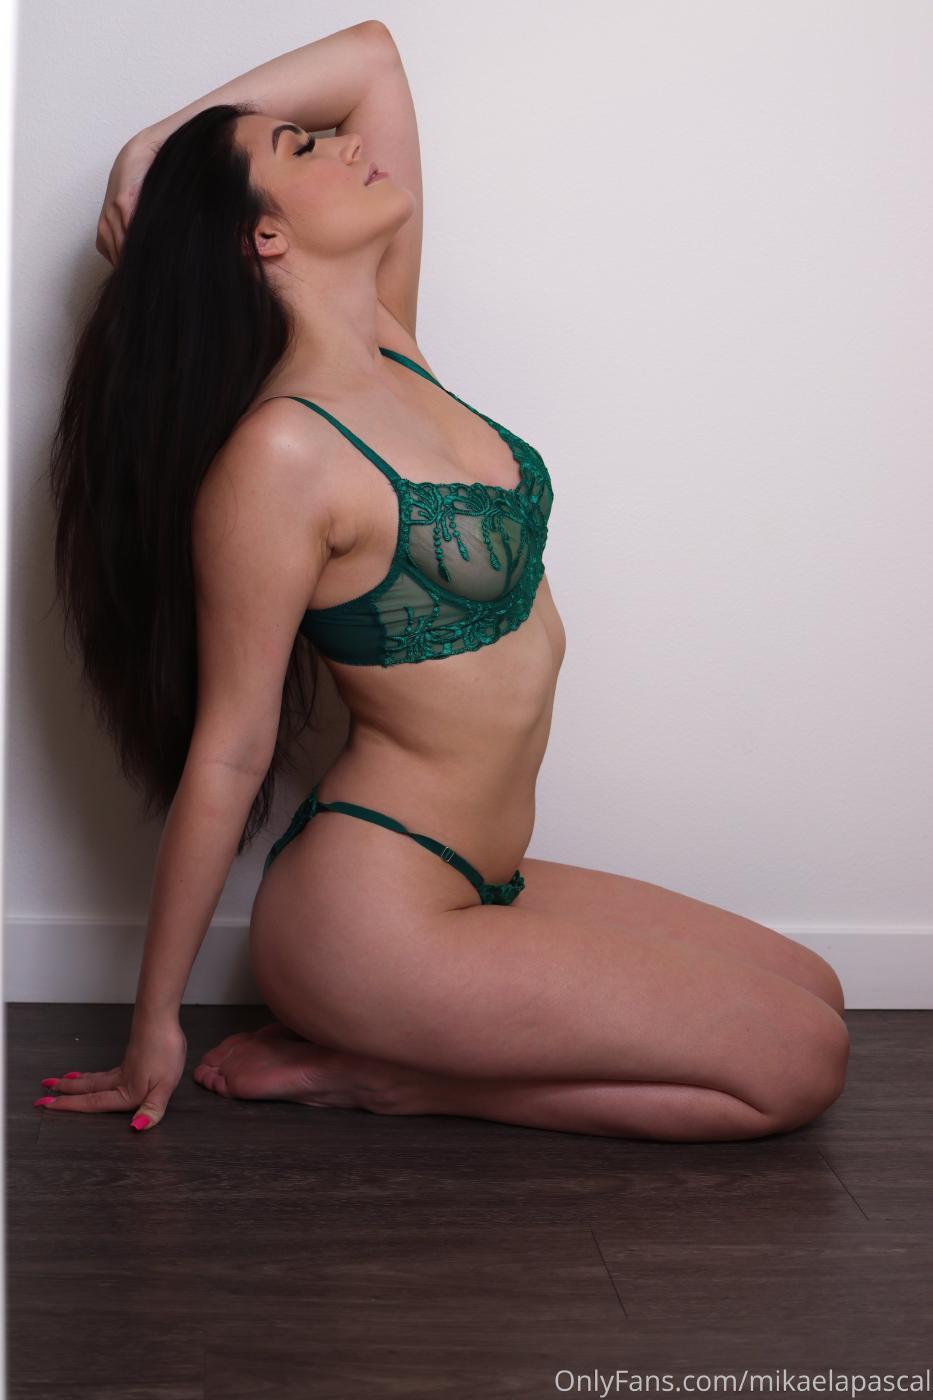 Mikaela Pascal Green Lingerie Onlyfans Set Leaked 0003